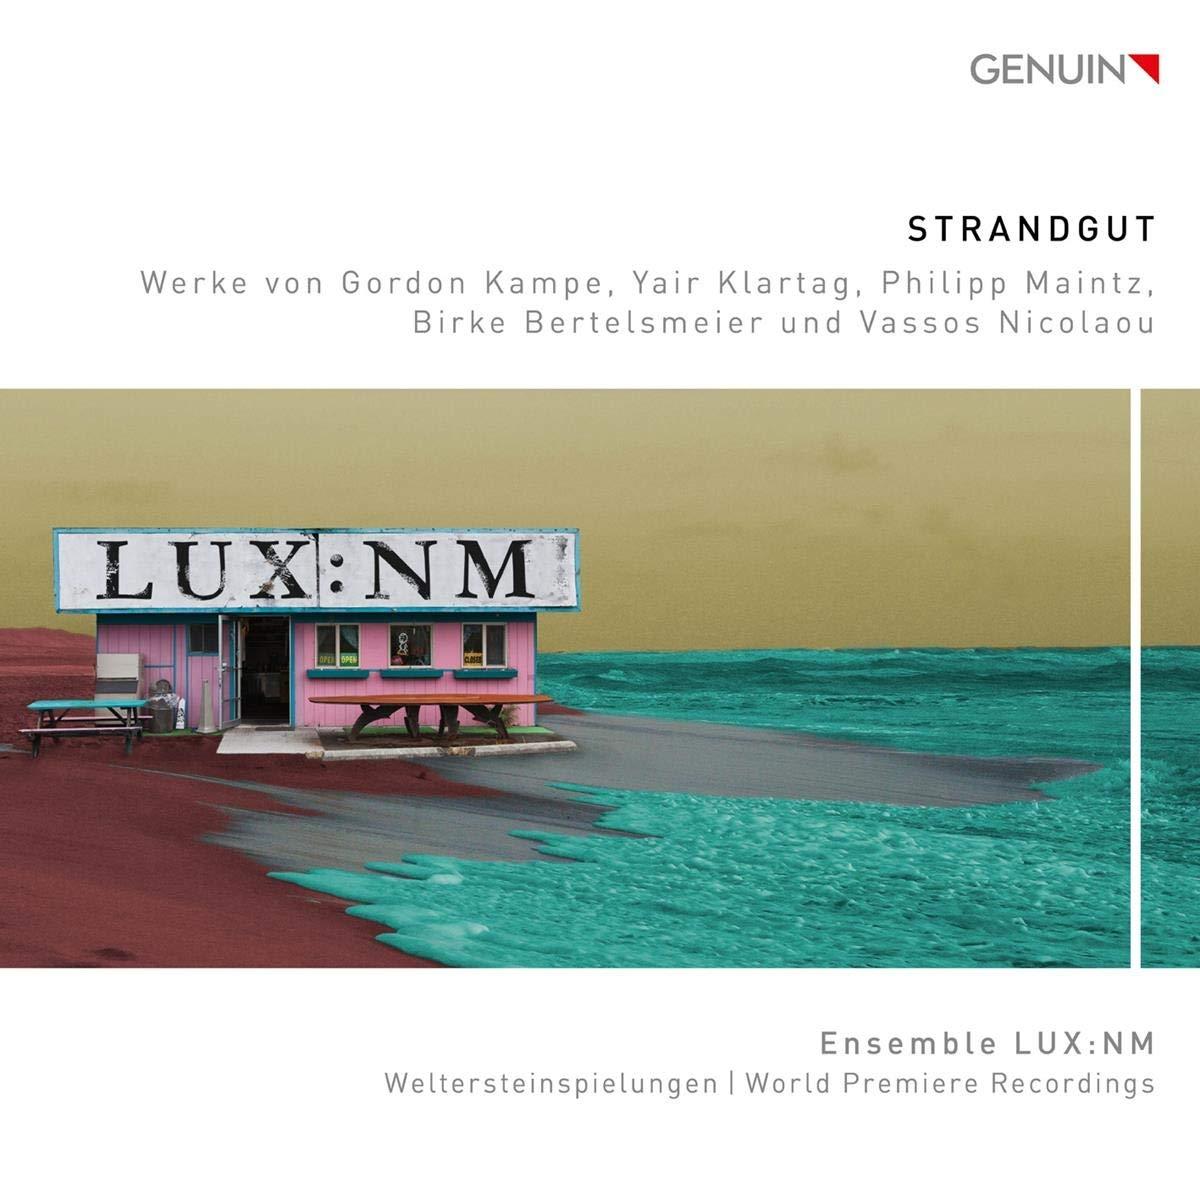 Strandgut – Ensemble LUX spielt Werke von Kampe, Klartag u.a. (Weltersteinspielung)